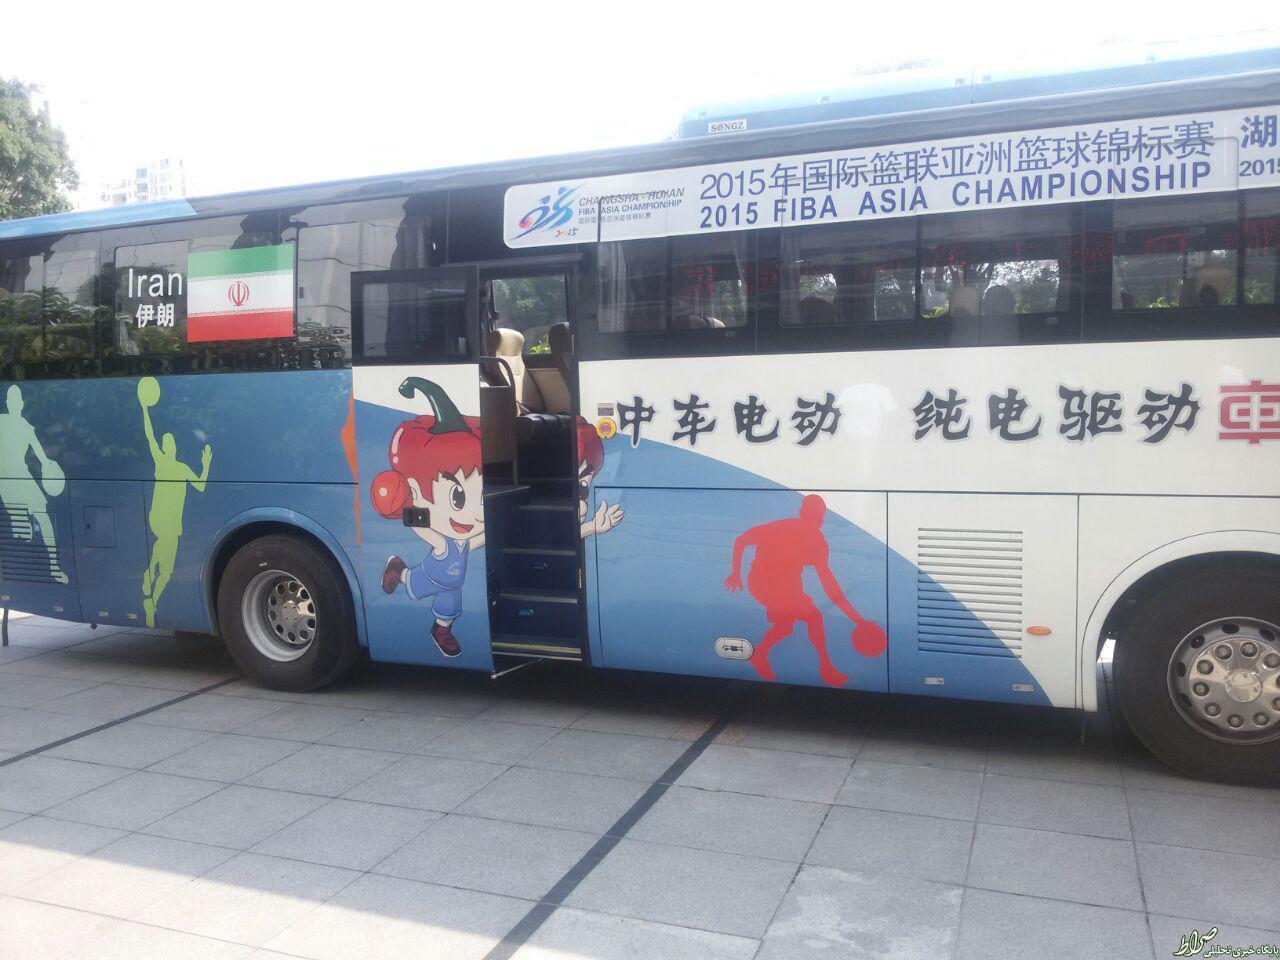 عکس/ اتوبوس بسکتبالیستهای ایران در چین